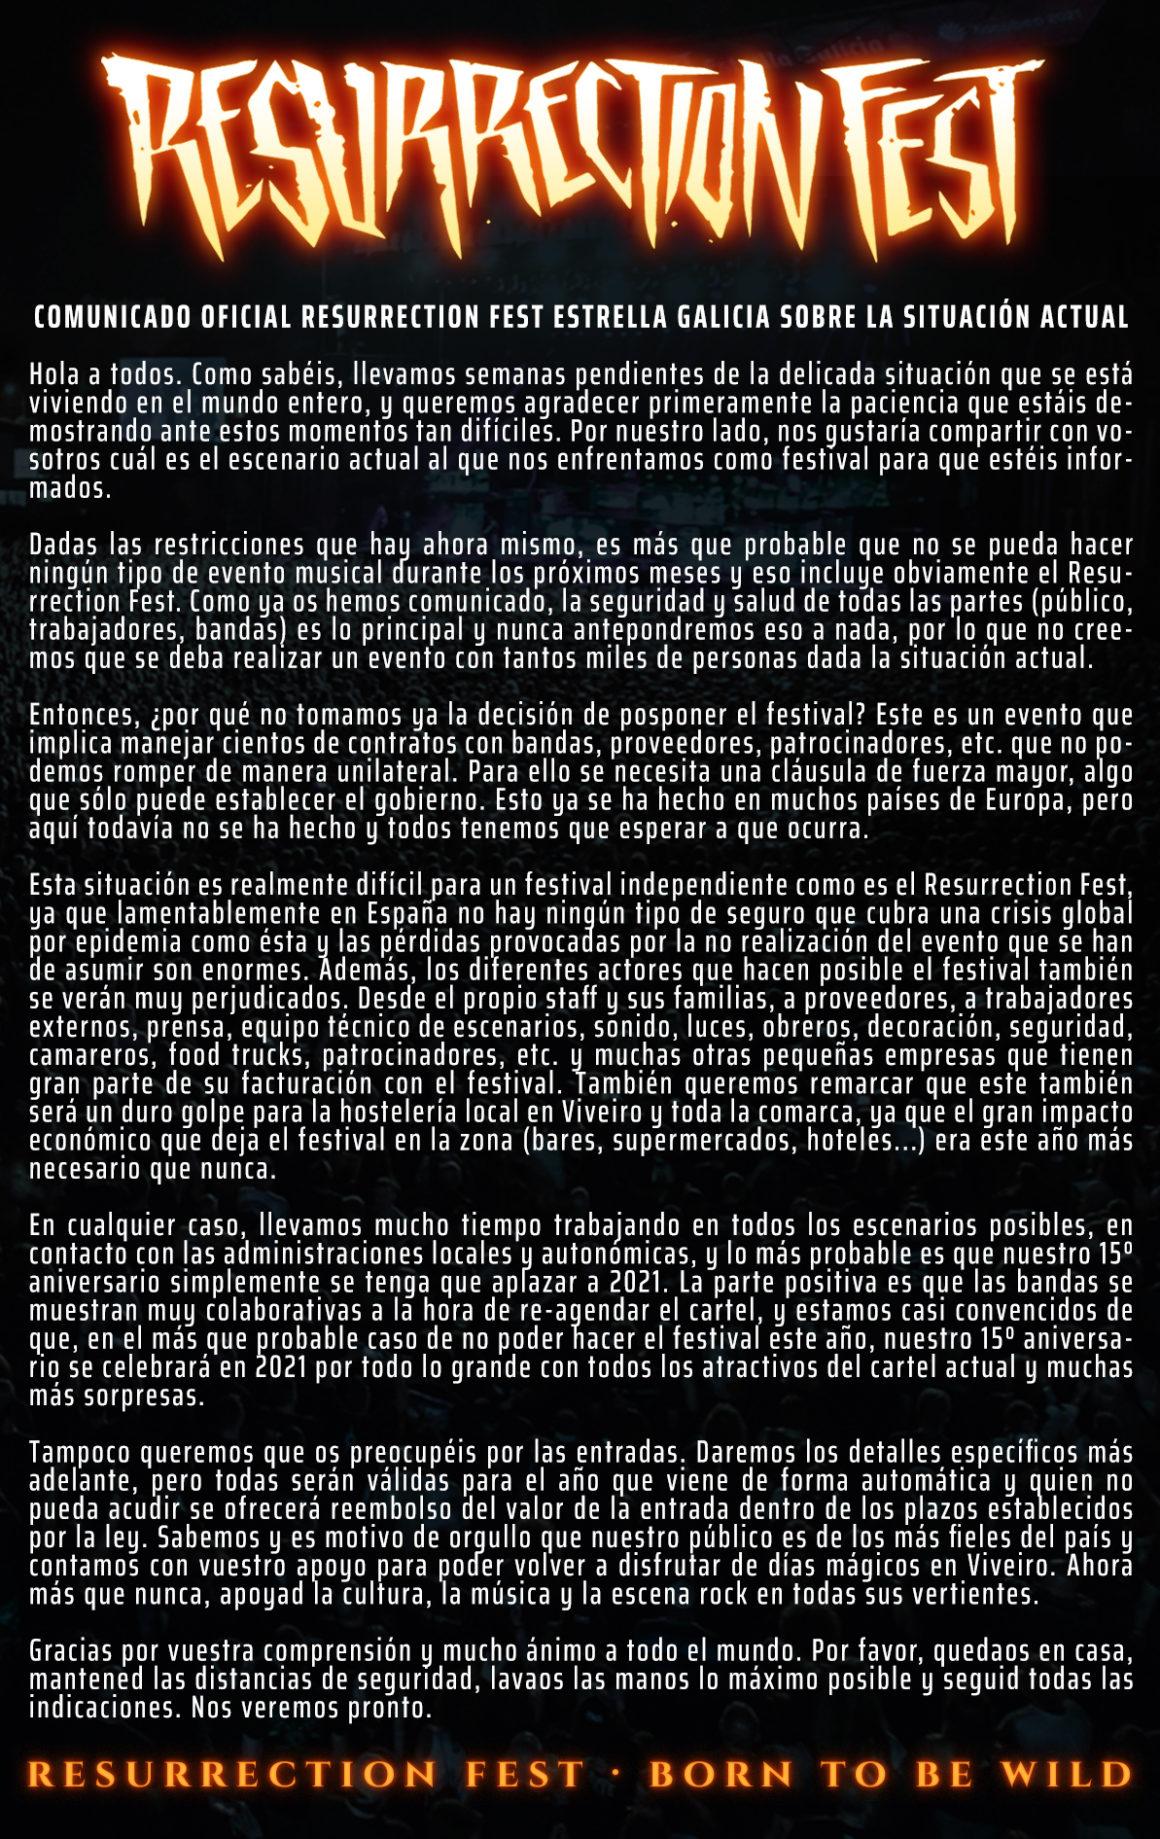 Comunicado oficial del Resurrection Fest Estrella Galicia sobre la situación actual